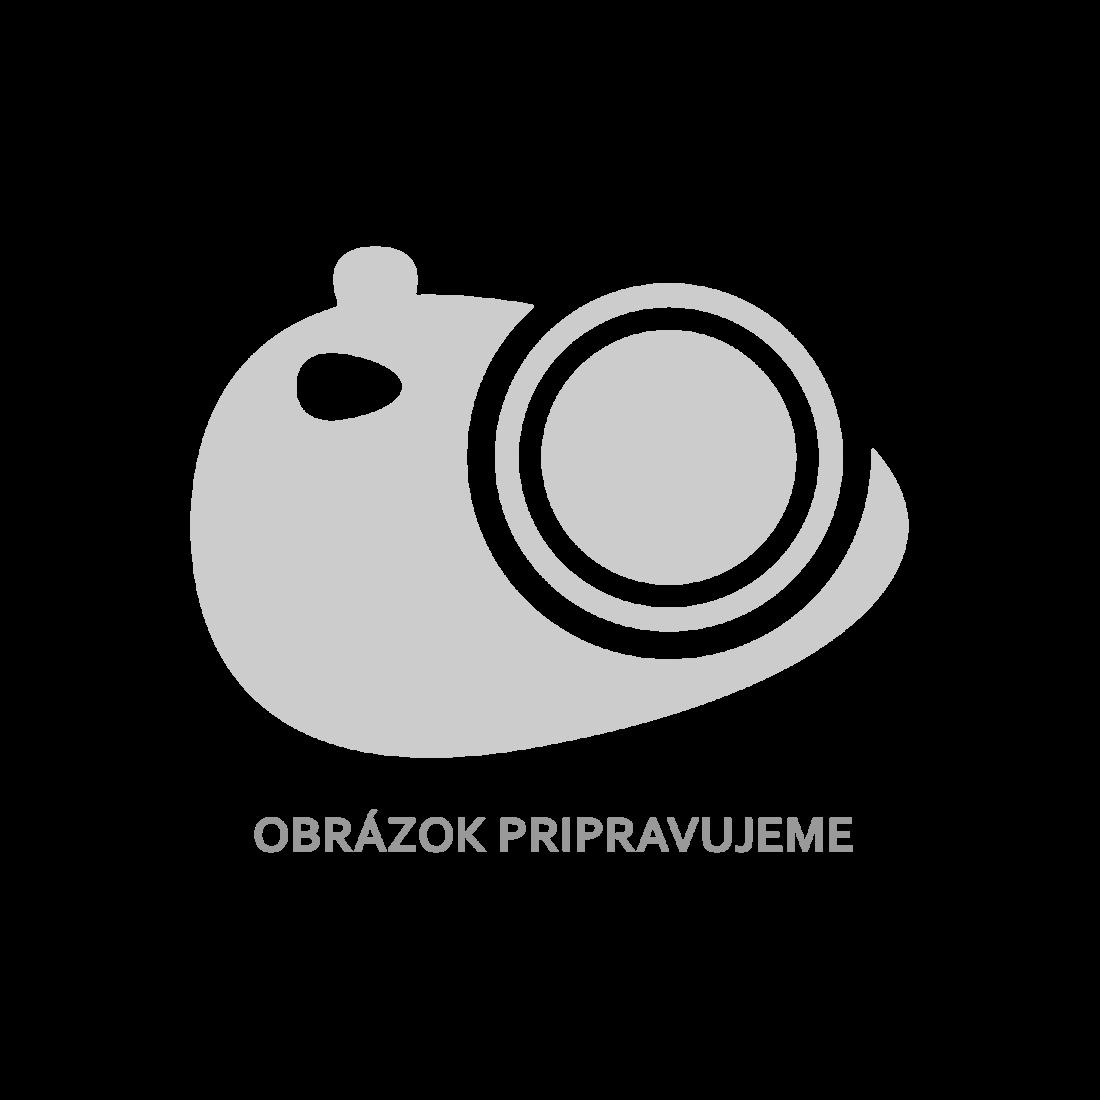 vidaXL Jídelní stůl bílý 80 x 80 x 75 cm dřevotříska [800252]